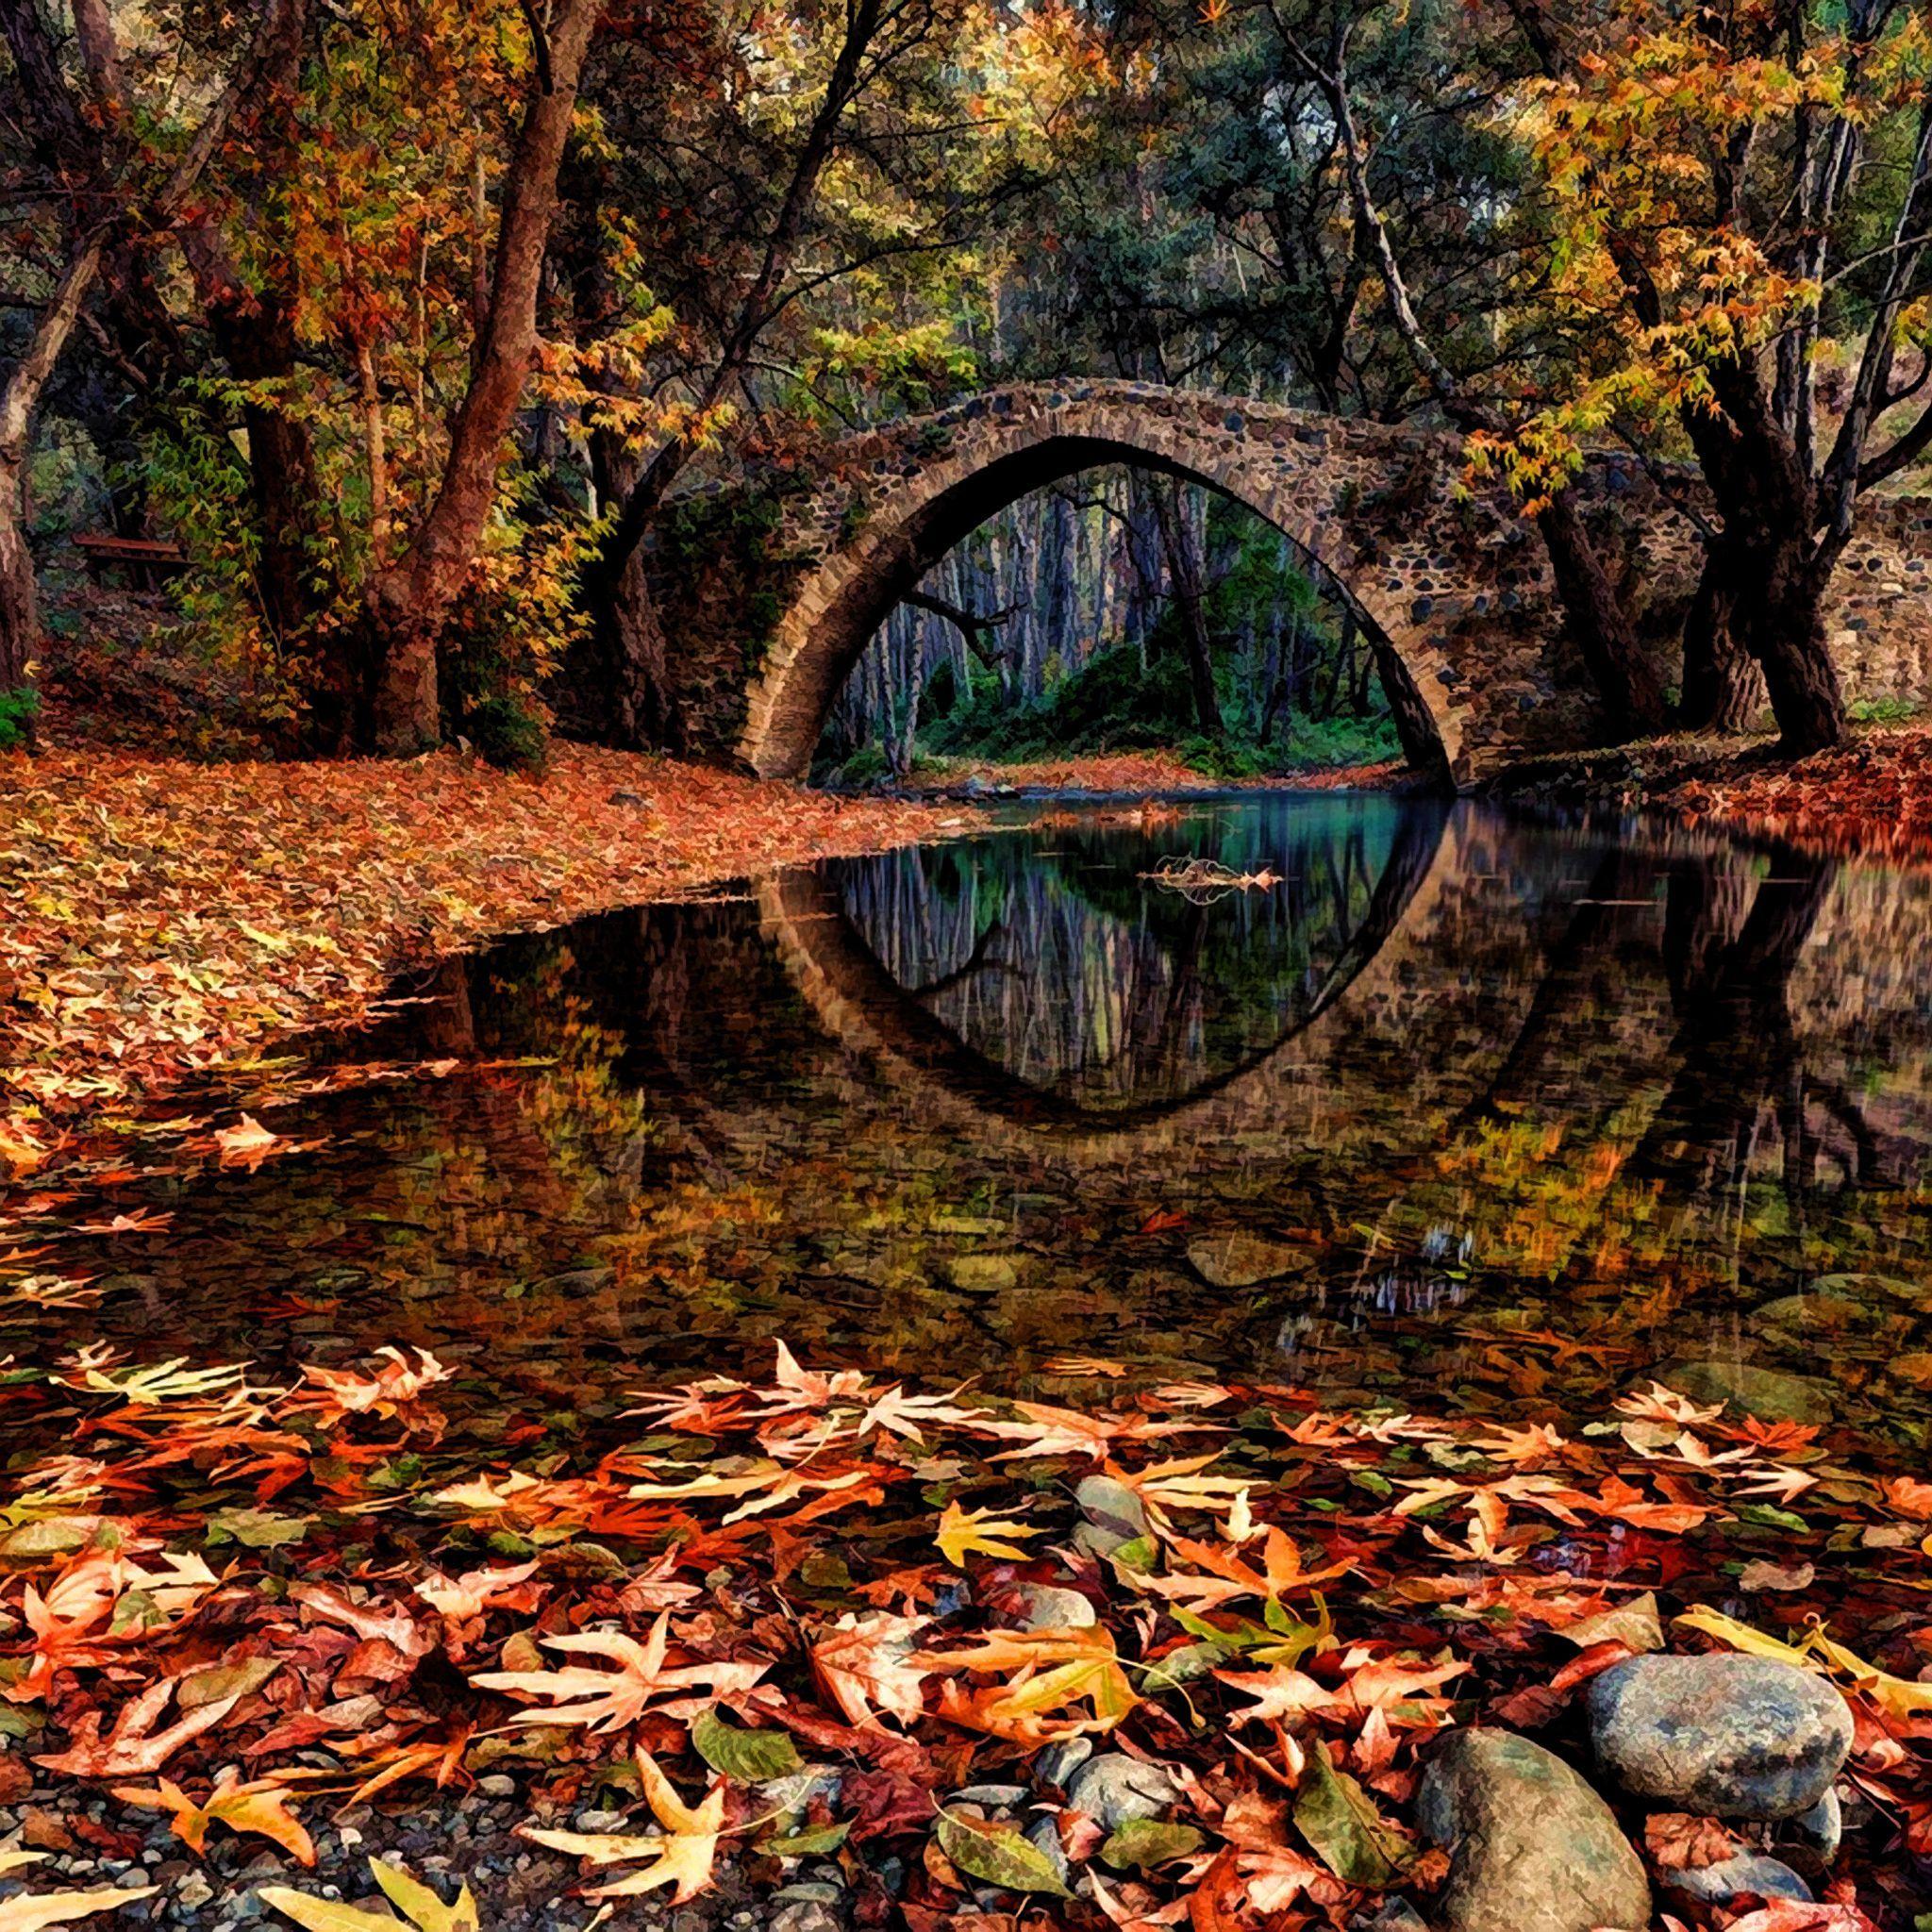 Fonds d'écran paysage pour iPad de novembre #1